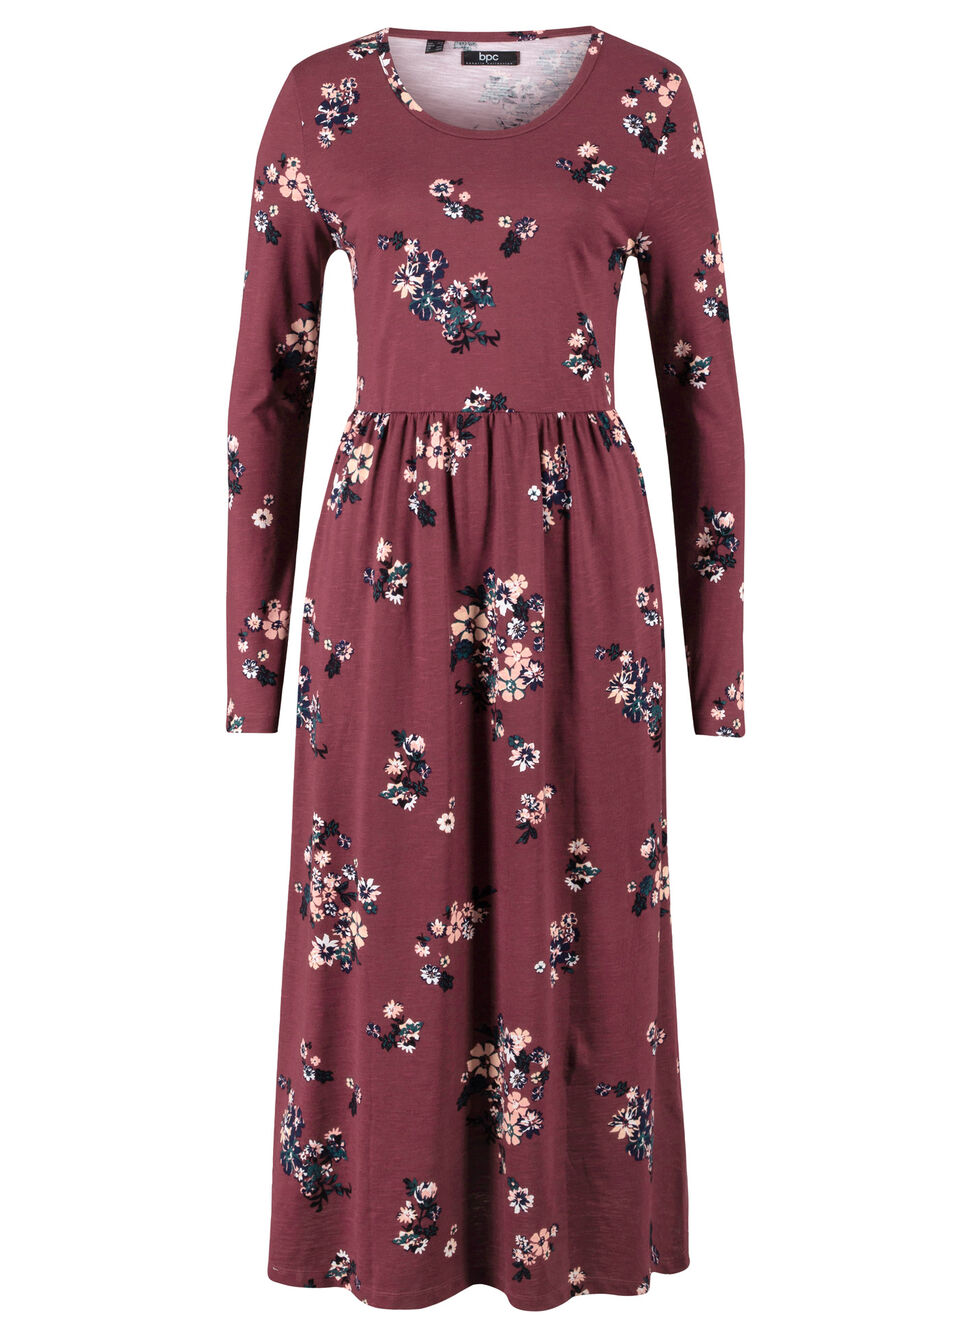 Rozkloszowana sukienka maxi z d?erseju, d?ugi r?kaw bonprix czerwony klonowy - kobaltowy w kwiaty